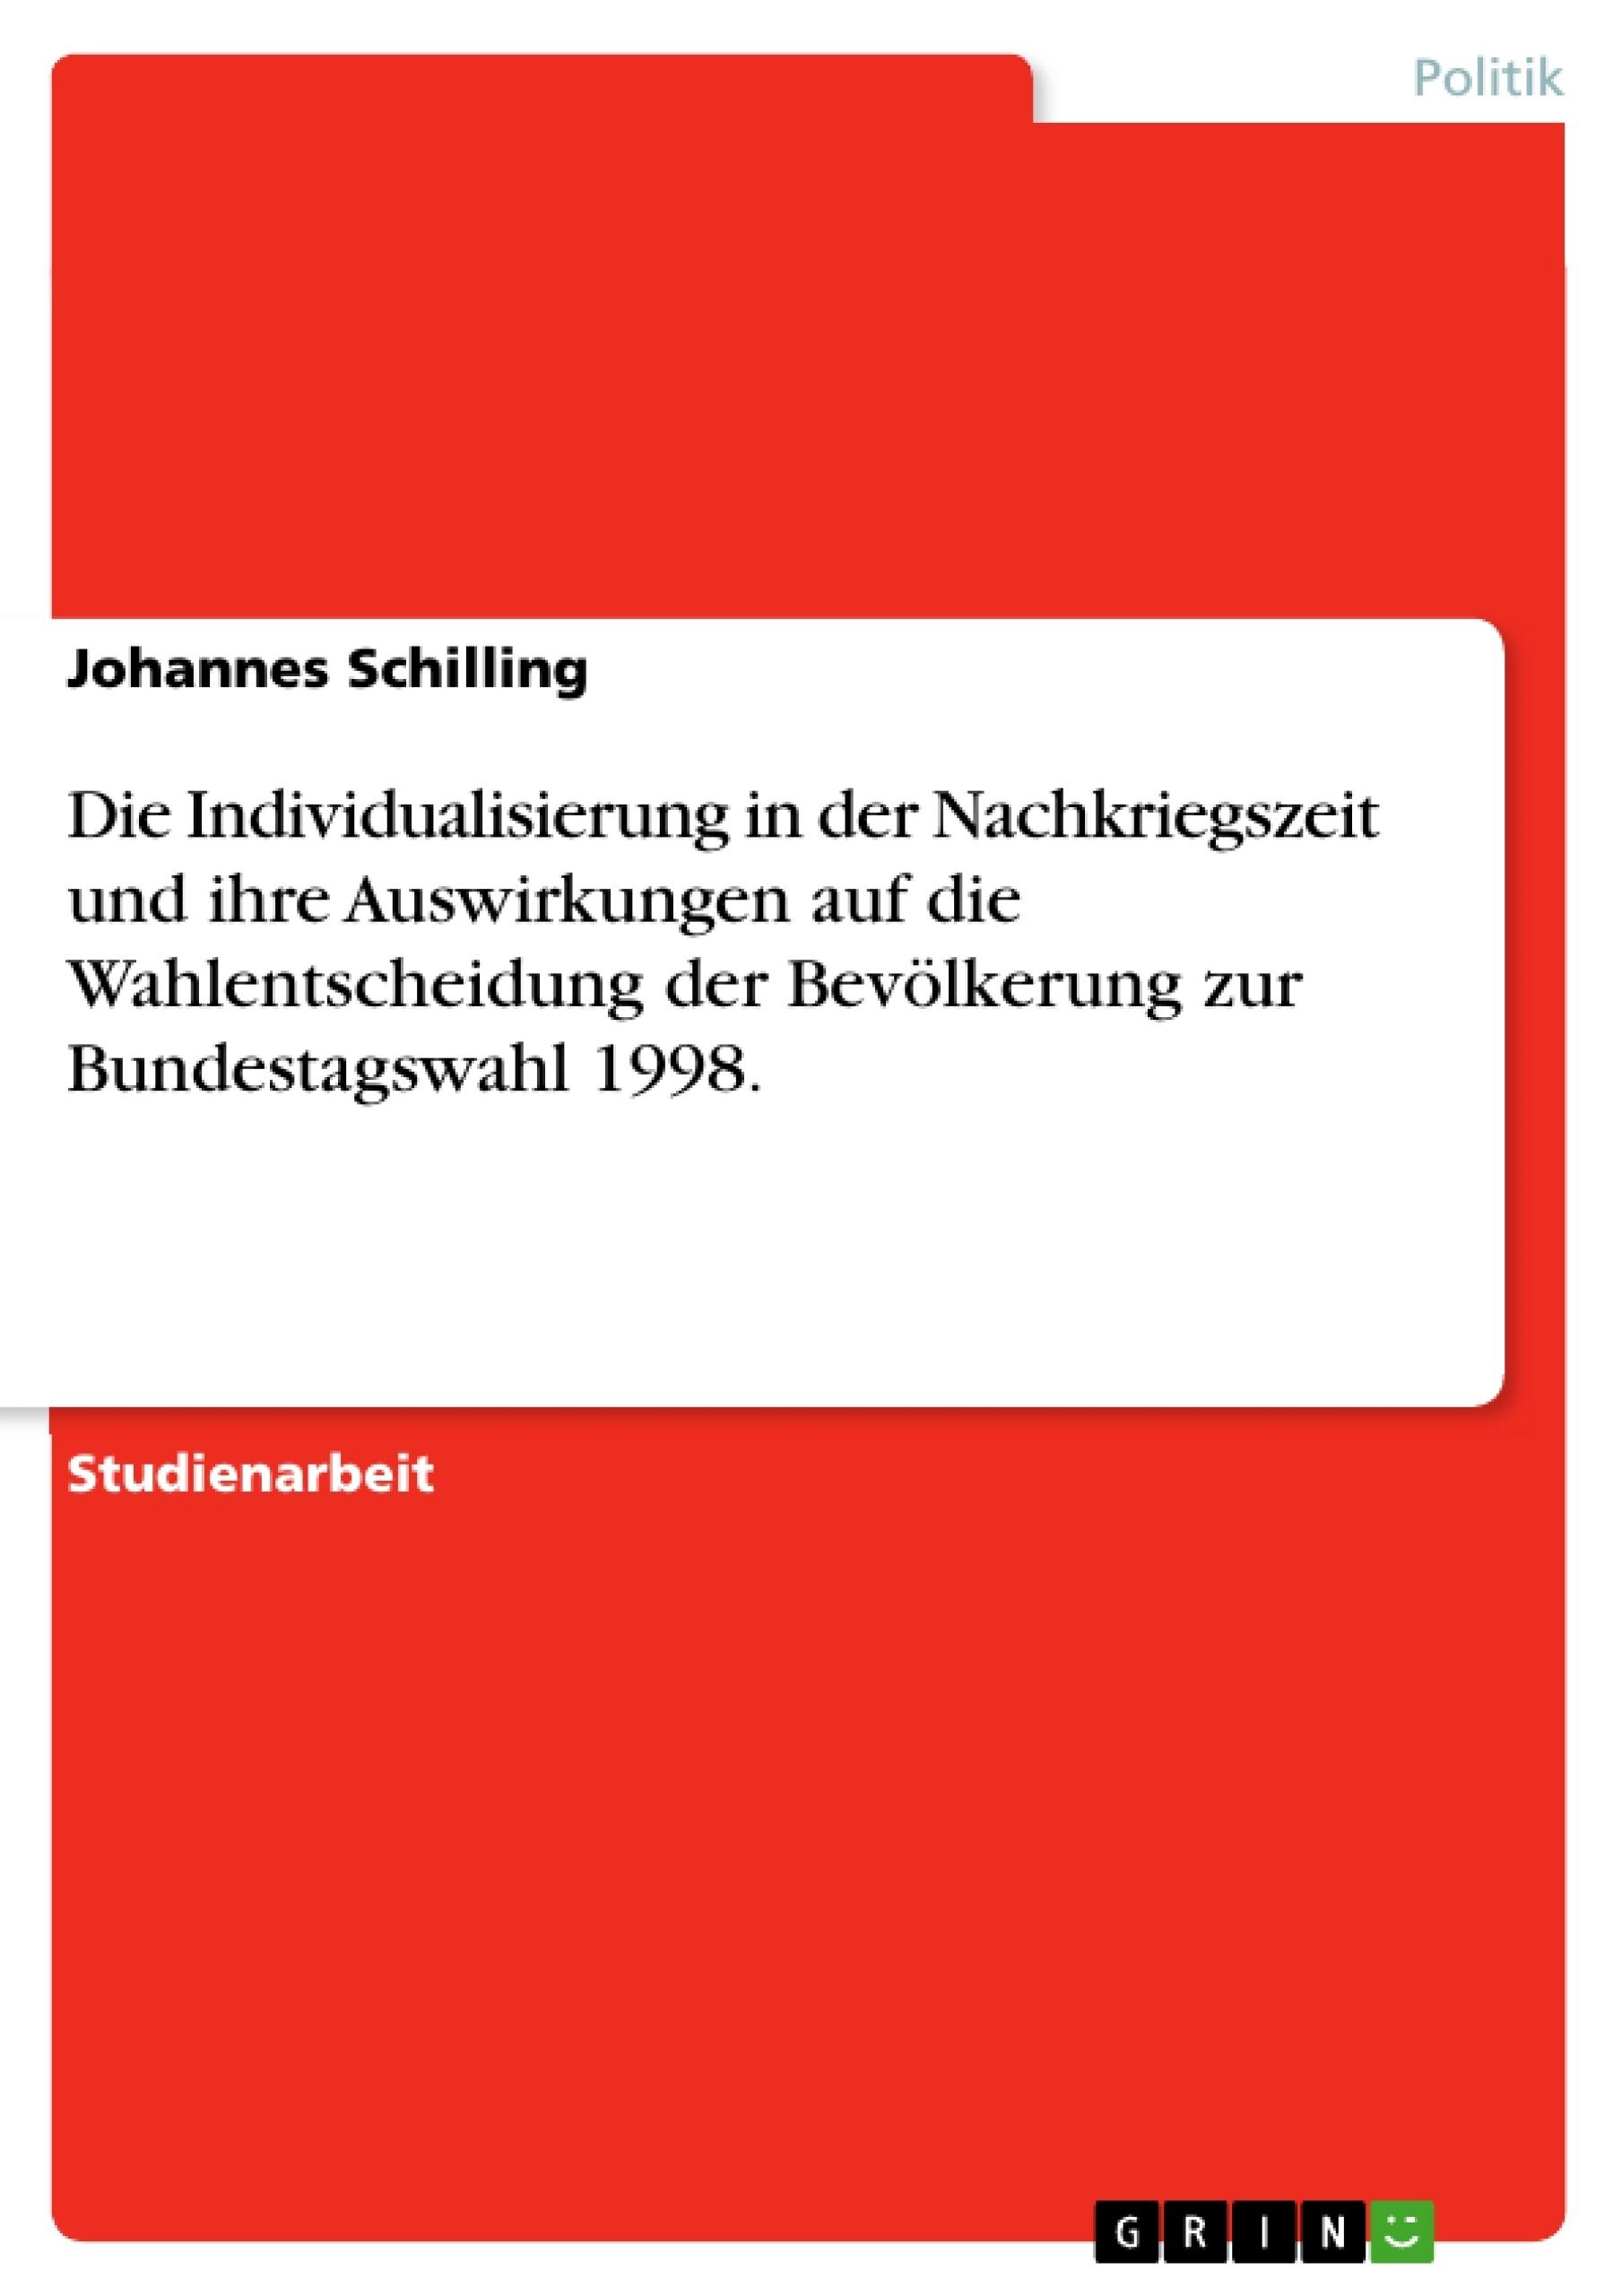 Titel: Die Individualisierung in der Nachkriegszeit und ihre Auswirkungen auf die Wahlentscheidung der Bevölkerung zur Bundestagswahl 1998.